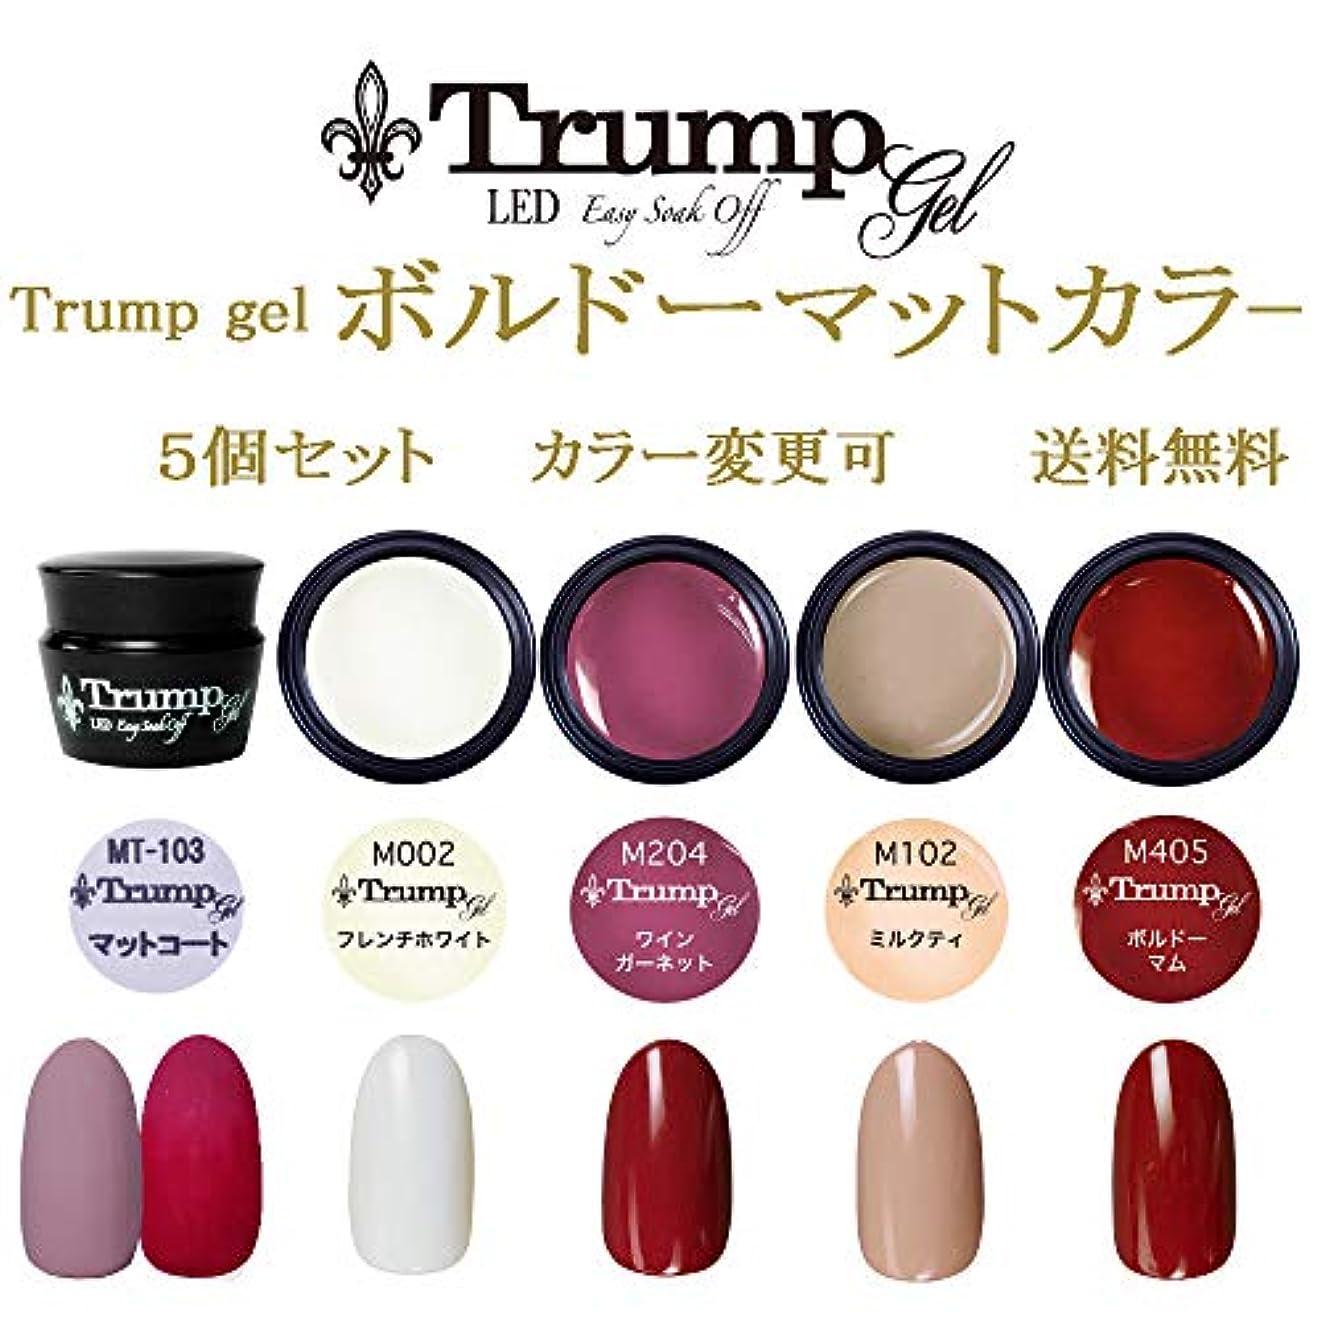 おいしい不定ジレンマ日本製 Trump gel トランプジェル ボルドー マット カラー 選べる カラージェル 5個セット マットコート ホワイト ワイン レッド ベージュ